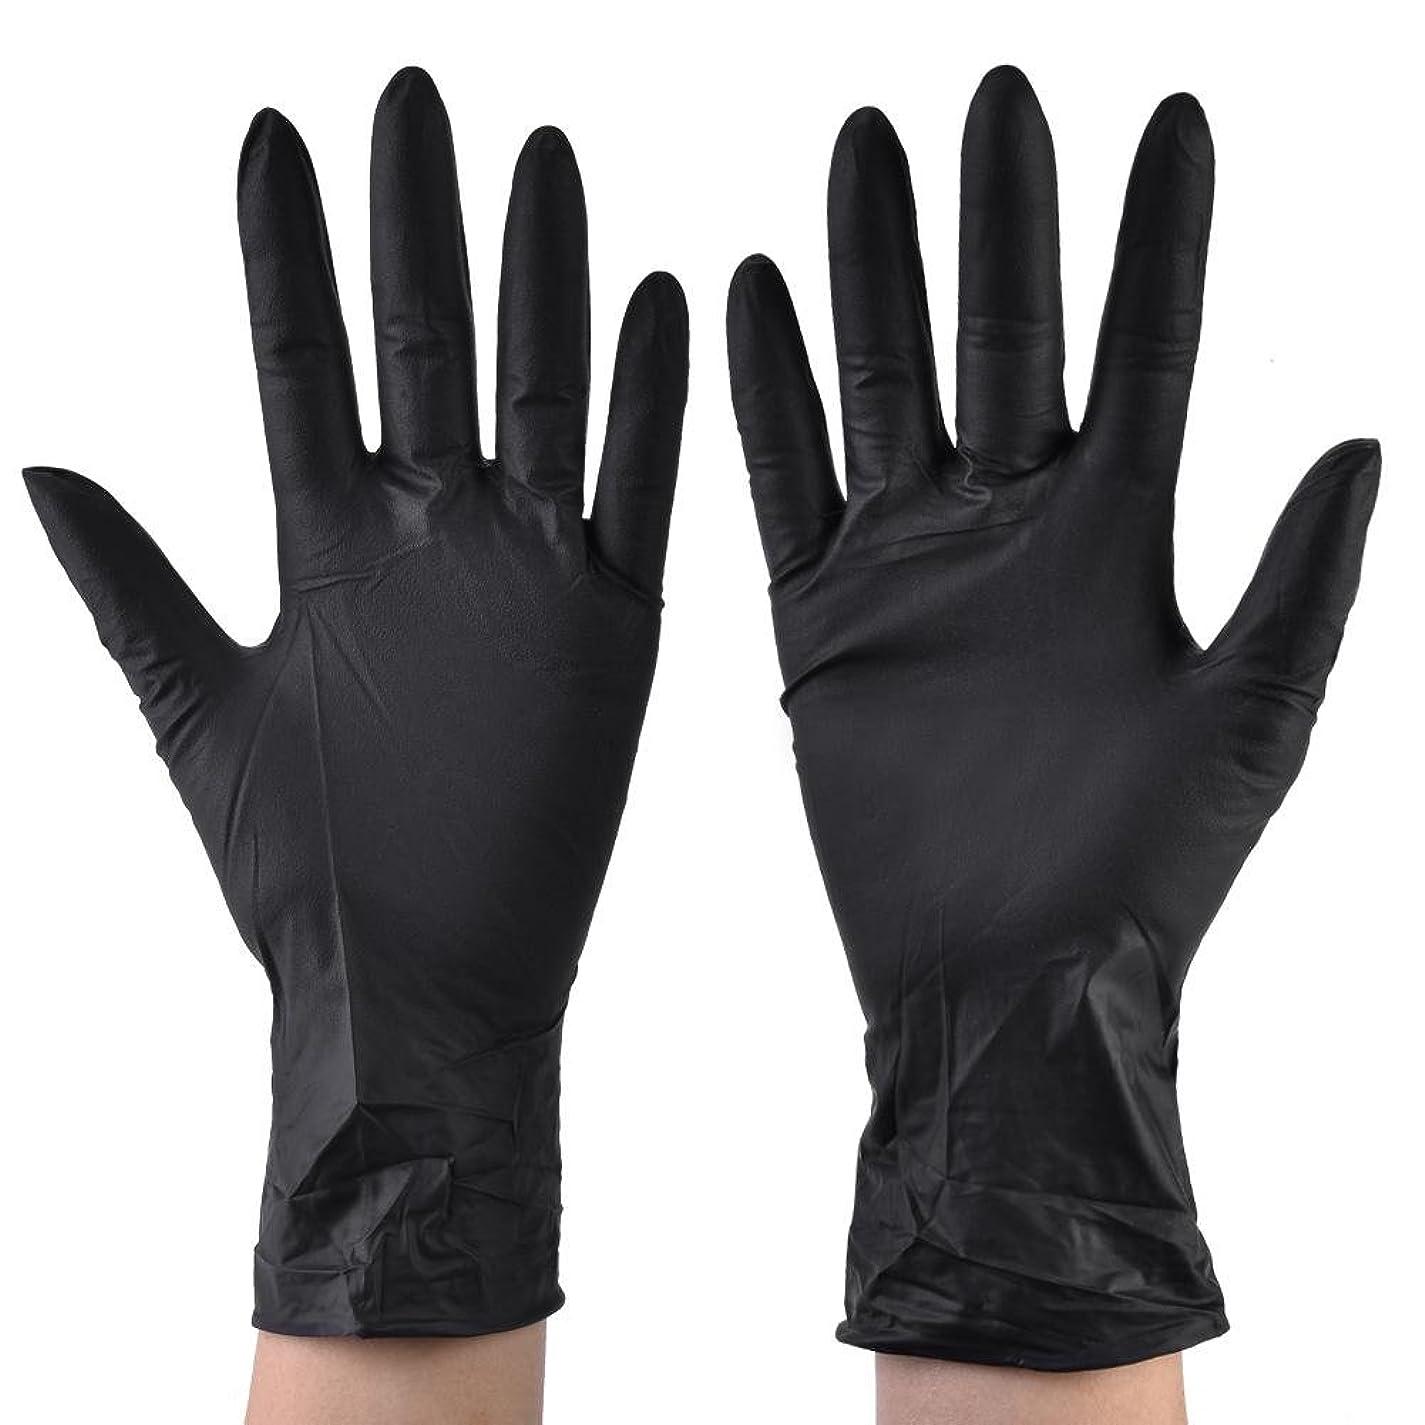 聴衆天序文使い捨て手袋 ニトリルグローブ ホワイト 粉なし 工業用/医療用/理美容用/レストラン用 M/L選択可 100枚 左右兼用 作業手袋(M)